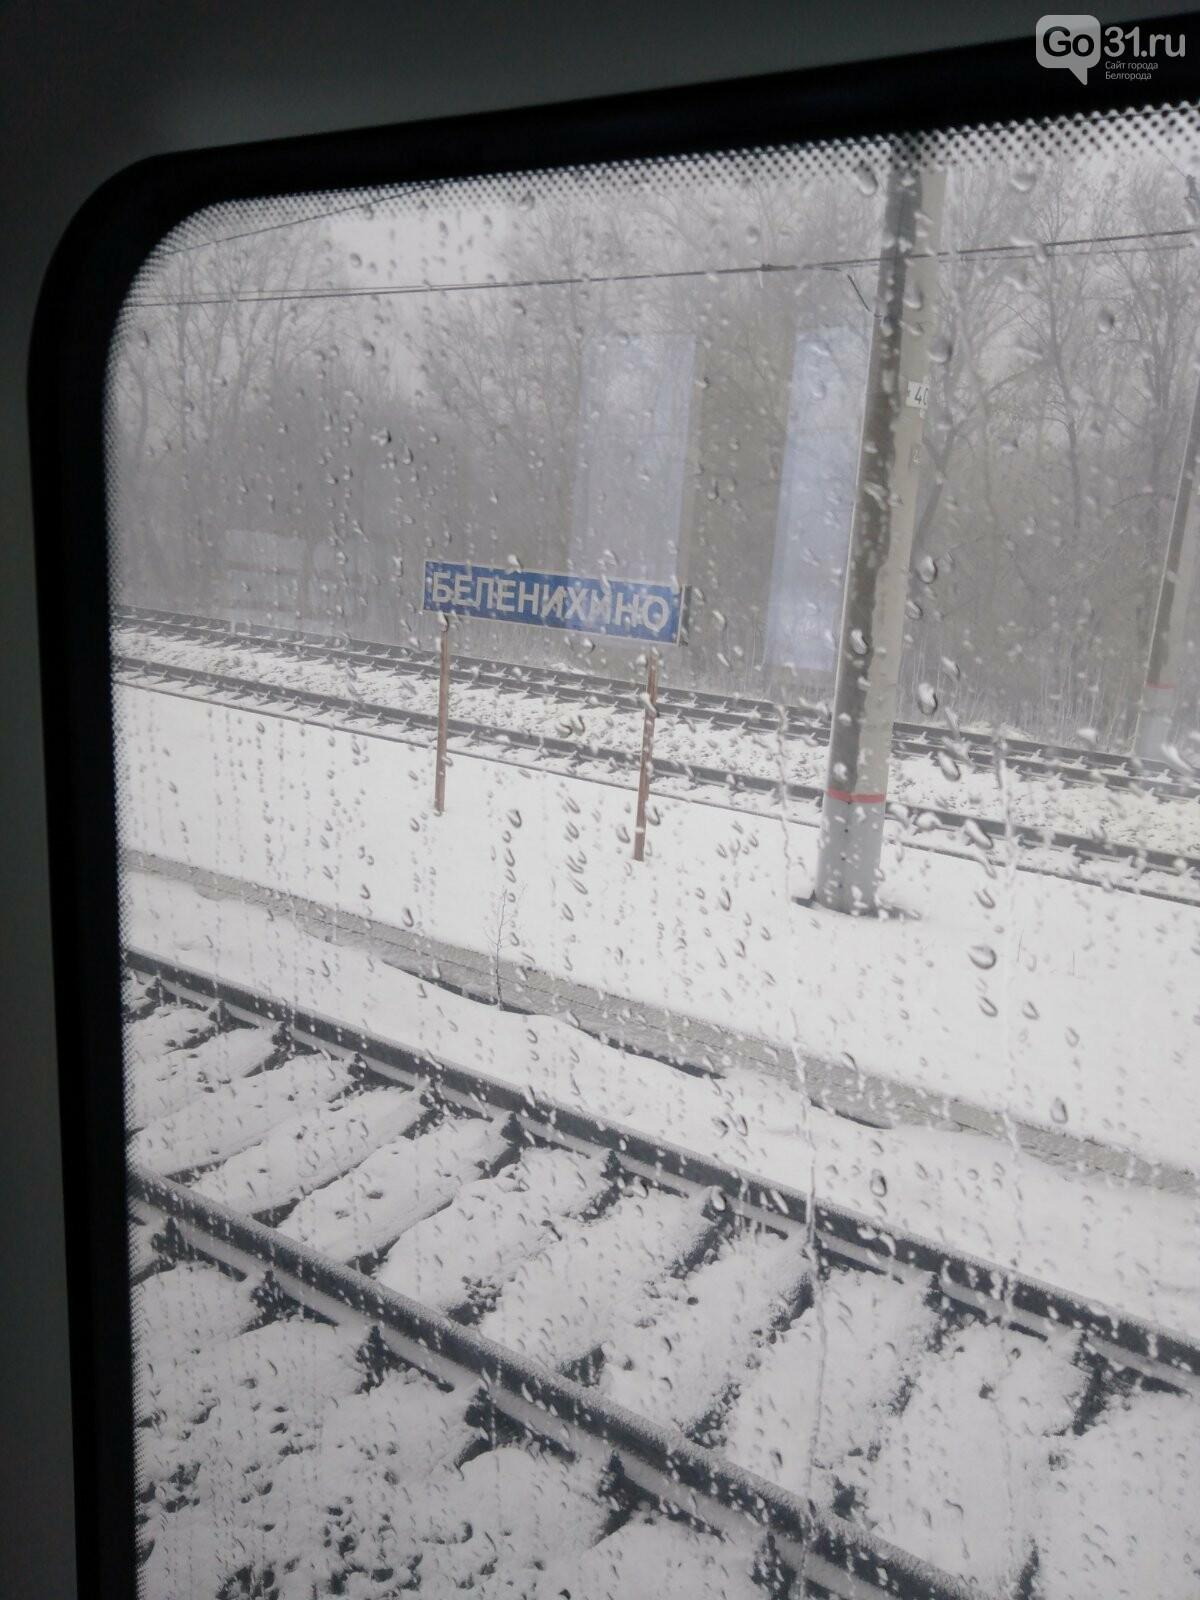 Поломавшуюся «Ласточку» тянут к Белгороду экстренно вызванным локомотивом, фото-1